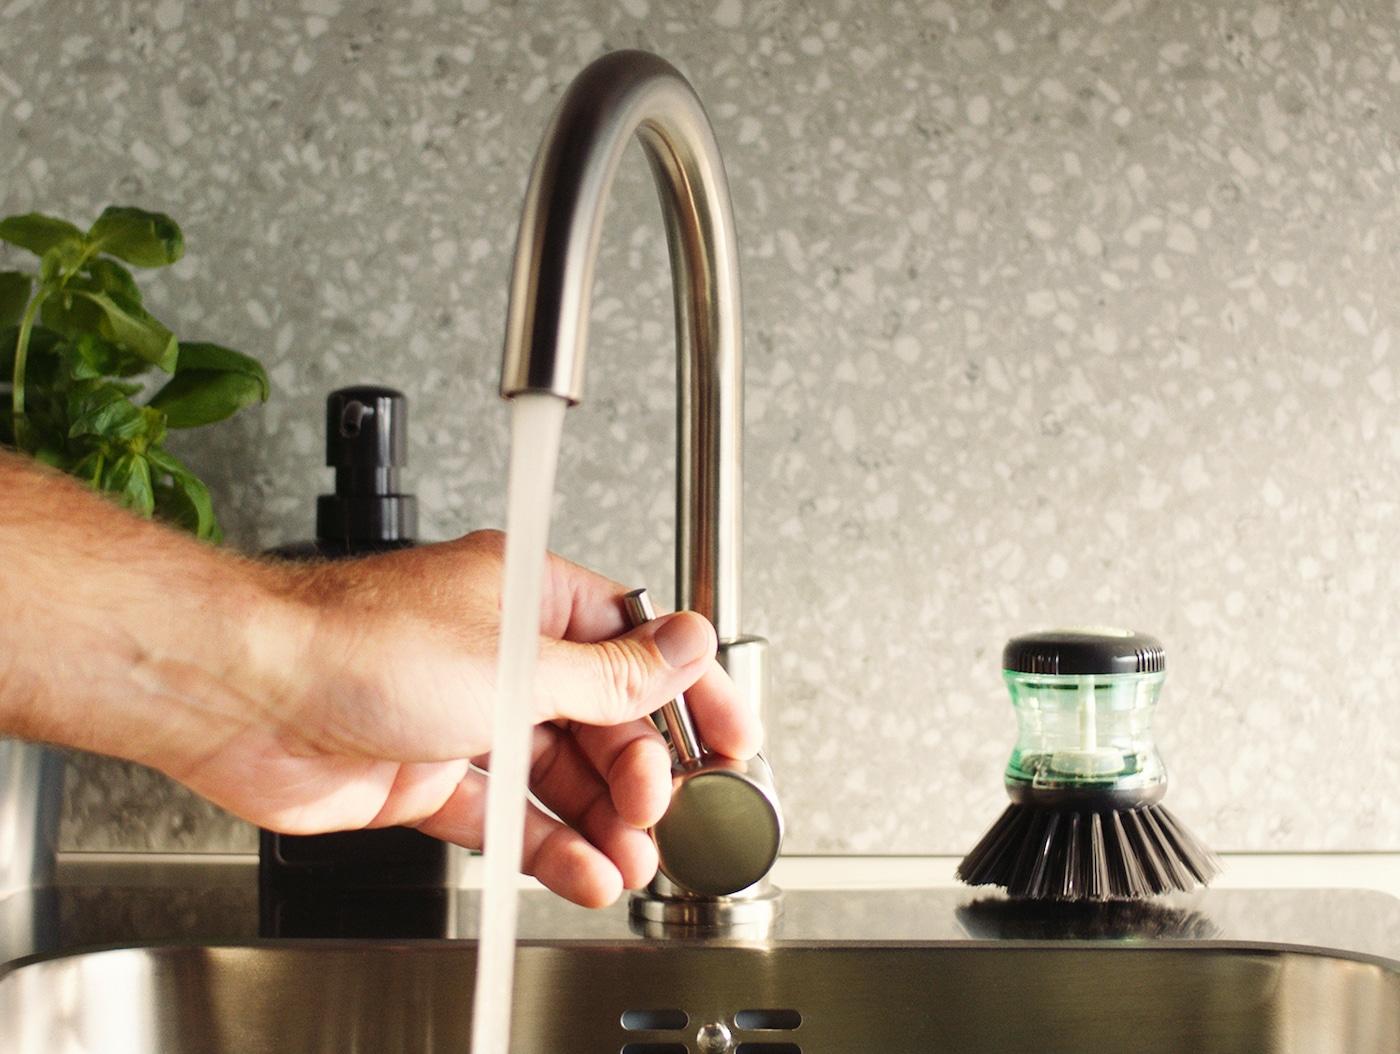 Mão a ajustar o caudal de água de uma torneira de cozinha GLYPEN em aço inoxidável, ao lado de uma escova para lavar a loiça TÅRTSMET.